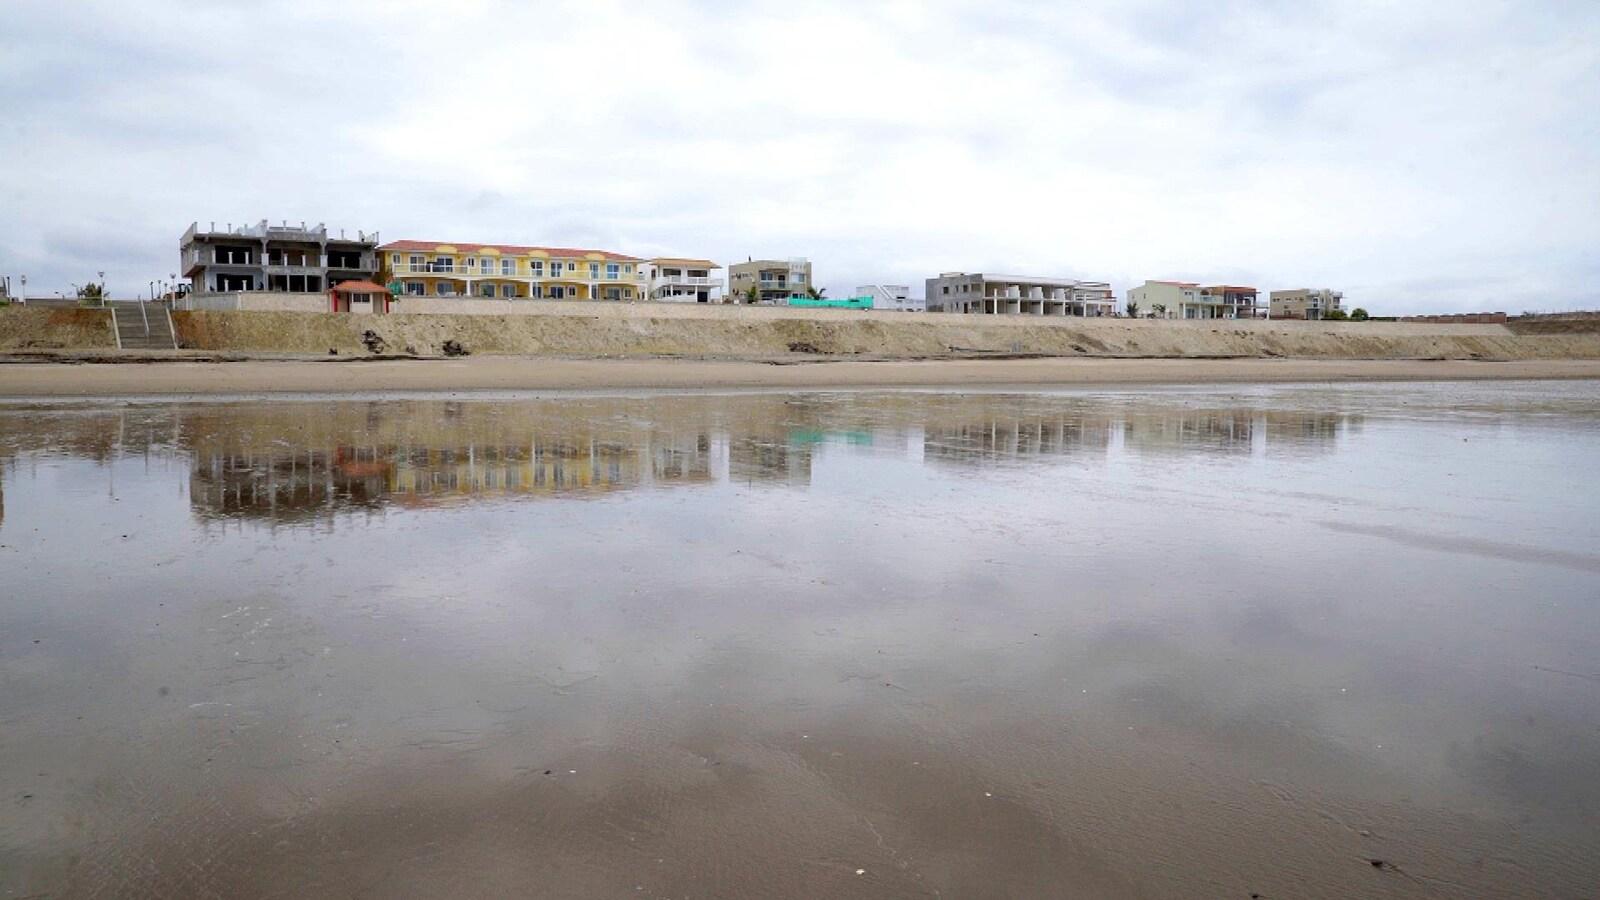 Des maisons alignées sur le front de mer. Elles se reflètent sur le sable humide.